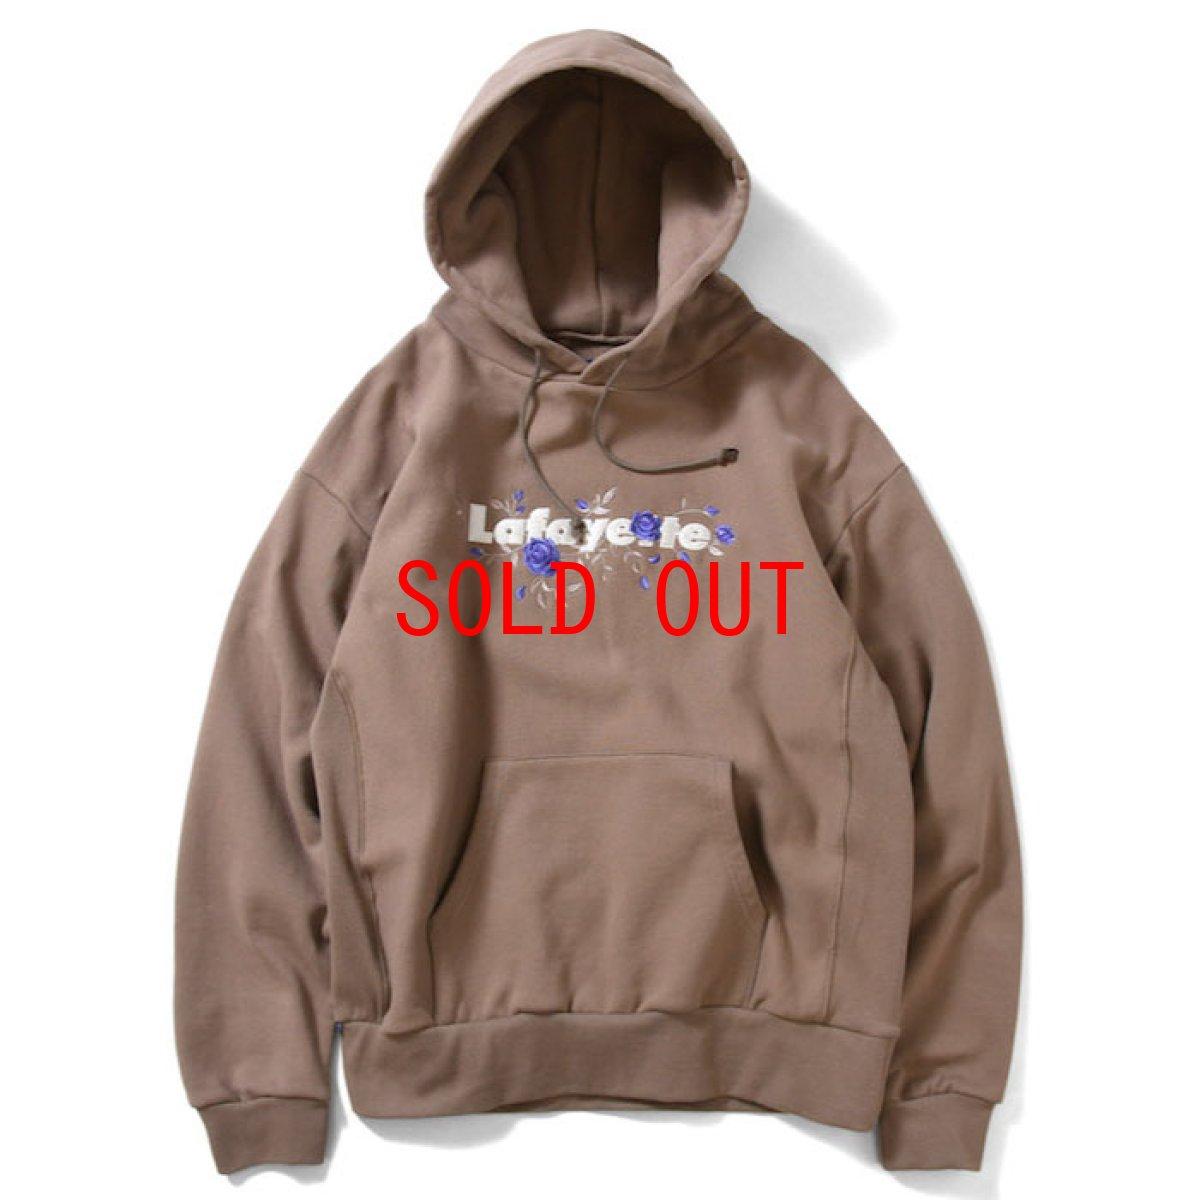 画像1: Rose Logo US Cotton Hooded Sweatshirt ローズ ロゴ プルオーバー スウェット パーカー Sand サンド by Lafayette ラファイエット  (1)